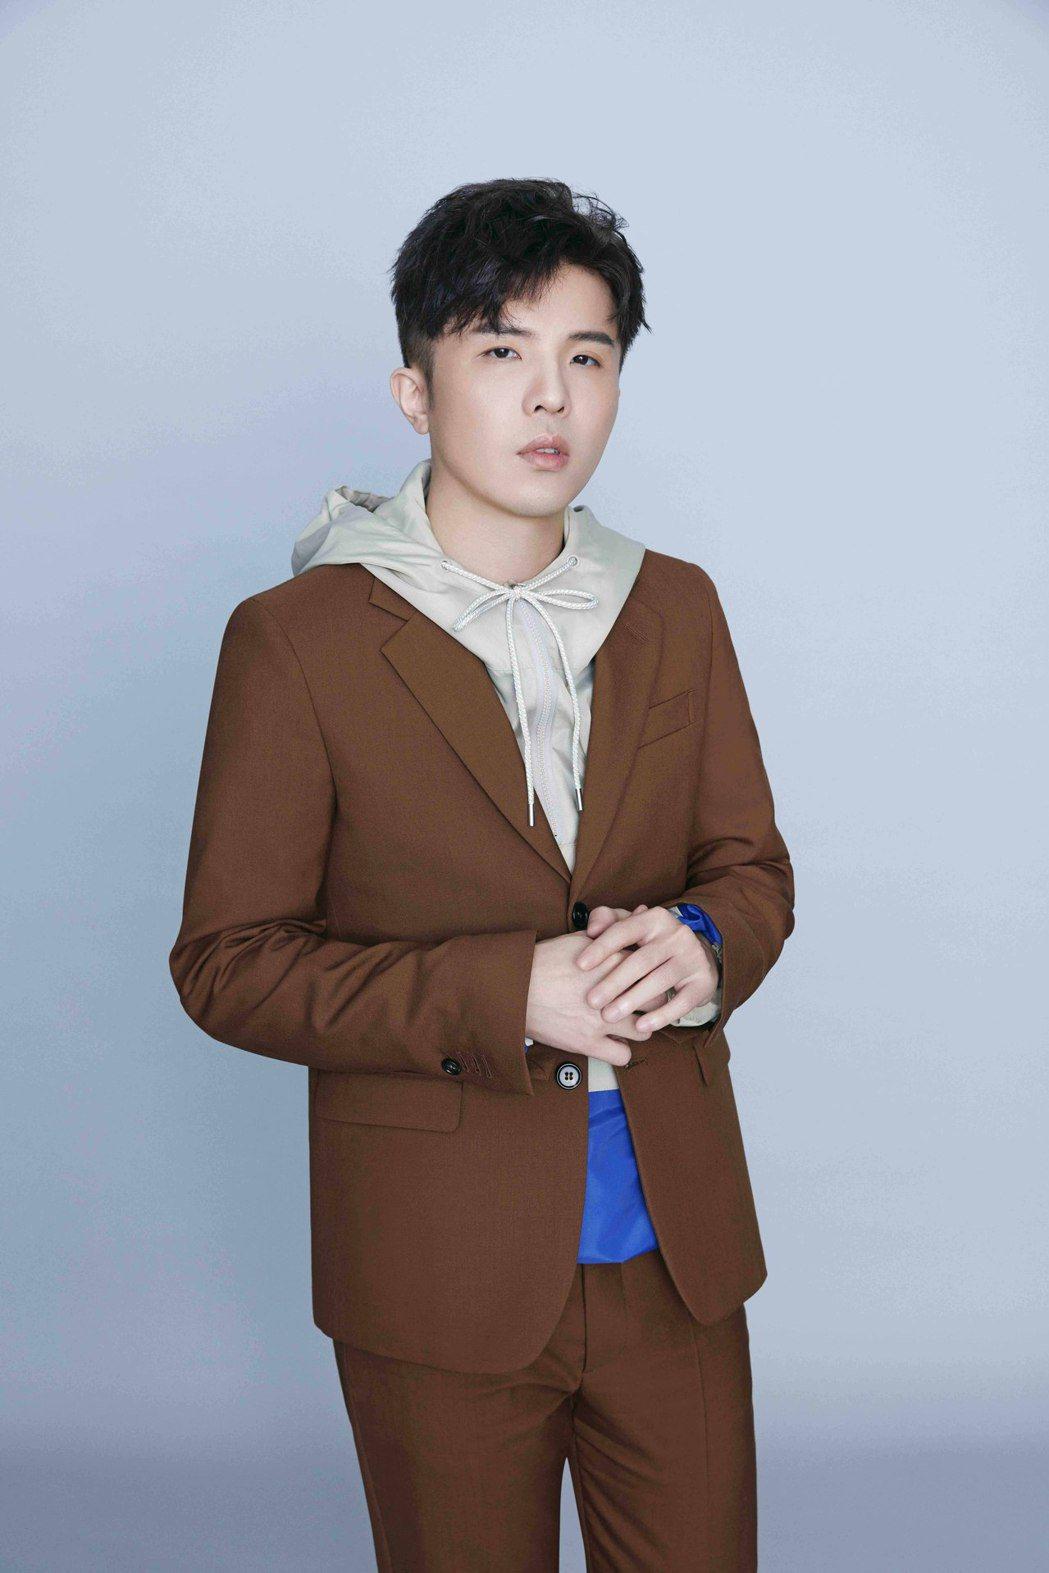 小宇宋念宇將參與臺北跨年演出。圖/臺北市觀光傳播局與必應創造提供